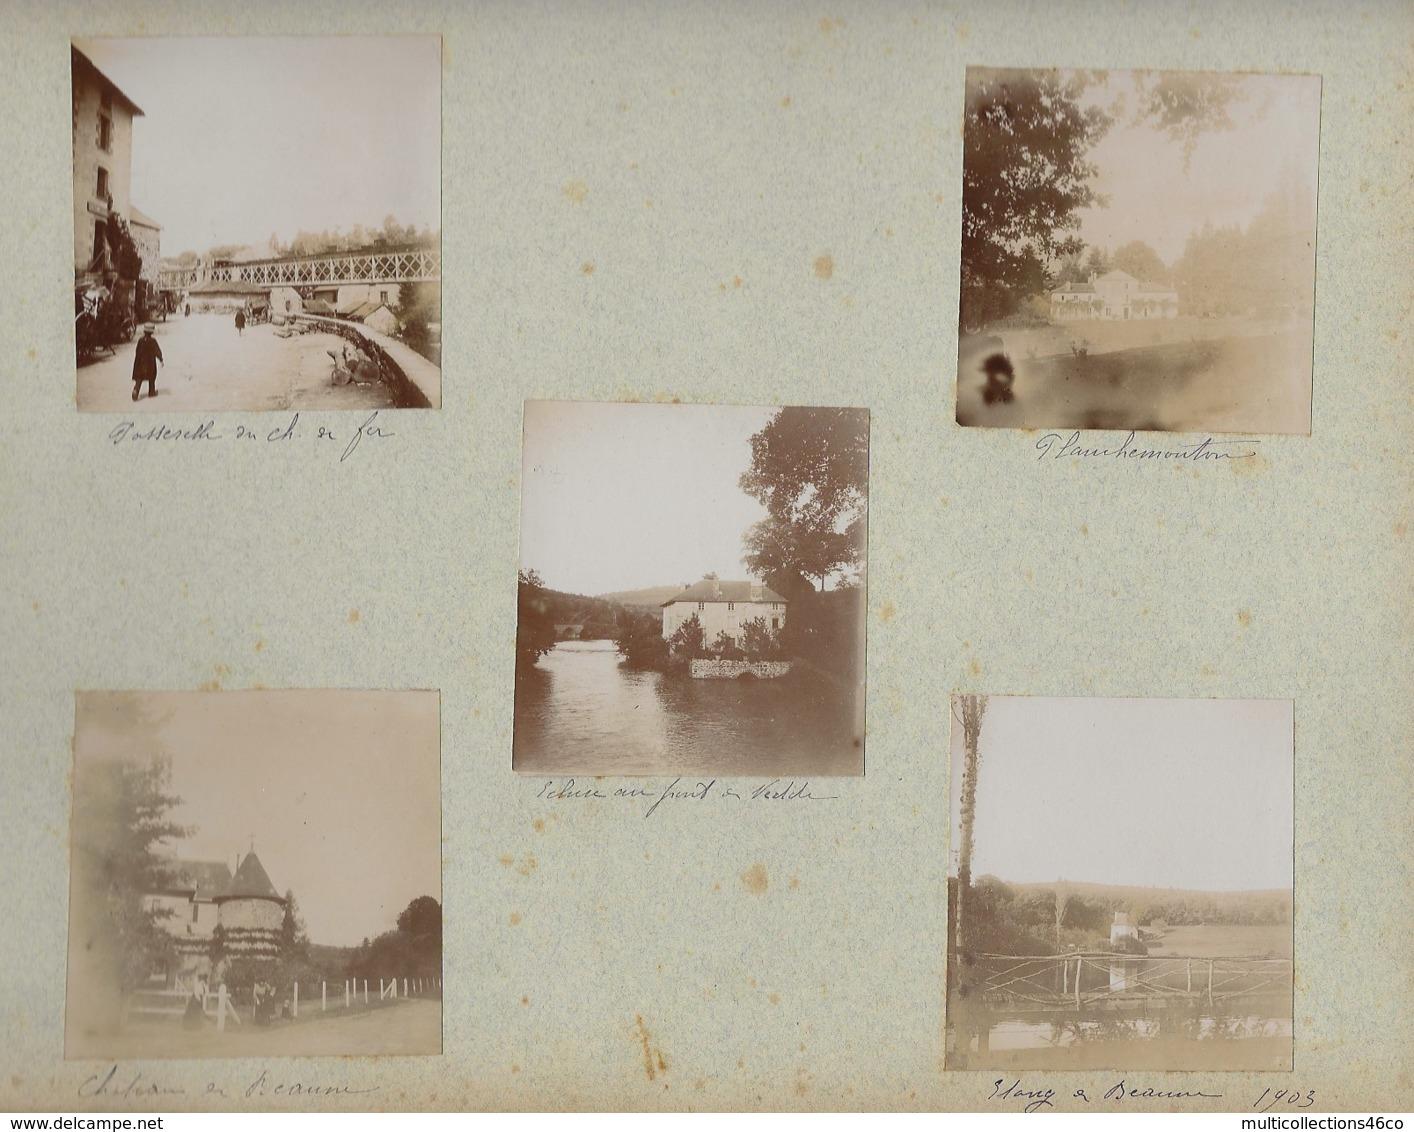 230919 - 10 PHOTOS 1903 - 87 EYMOUTIERS Planchemouton écluse Beaune - 72 BEAUMONT SUR SARTHE Pont  61 ALENCON Cathédrale - Eymoutiers